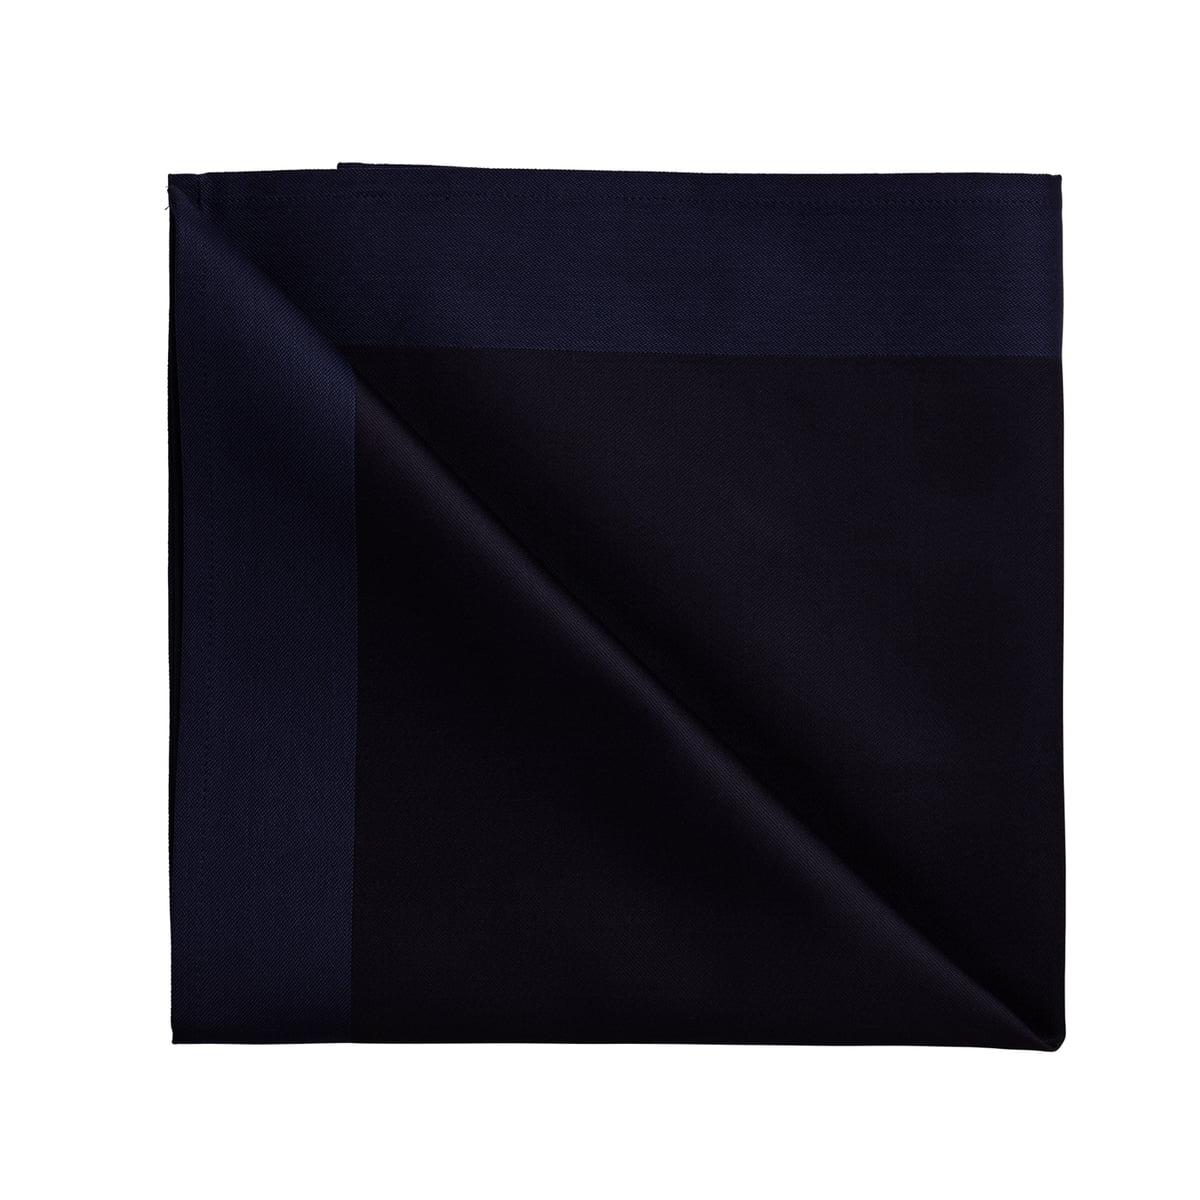 Georg Jensen Damask - Damask Stoffservietten, 50 x 50 cm / blue abyss | Heimtextilien > Tischdecken und Co > Servietten | Dunkelblau | Georg Jensen Damask